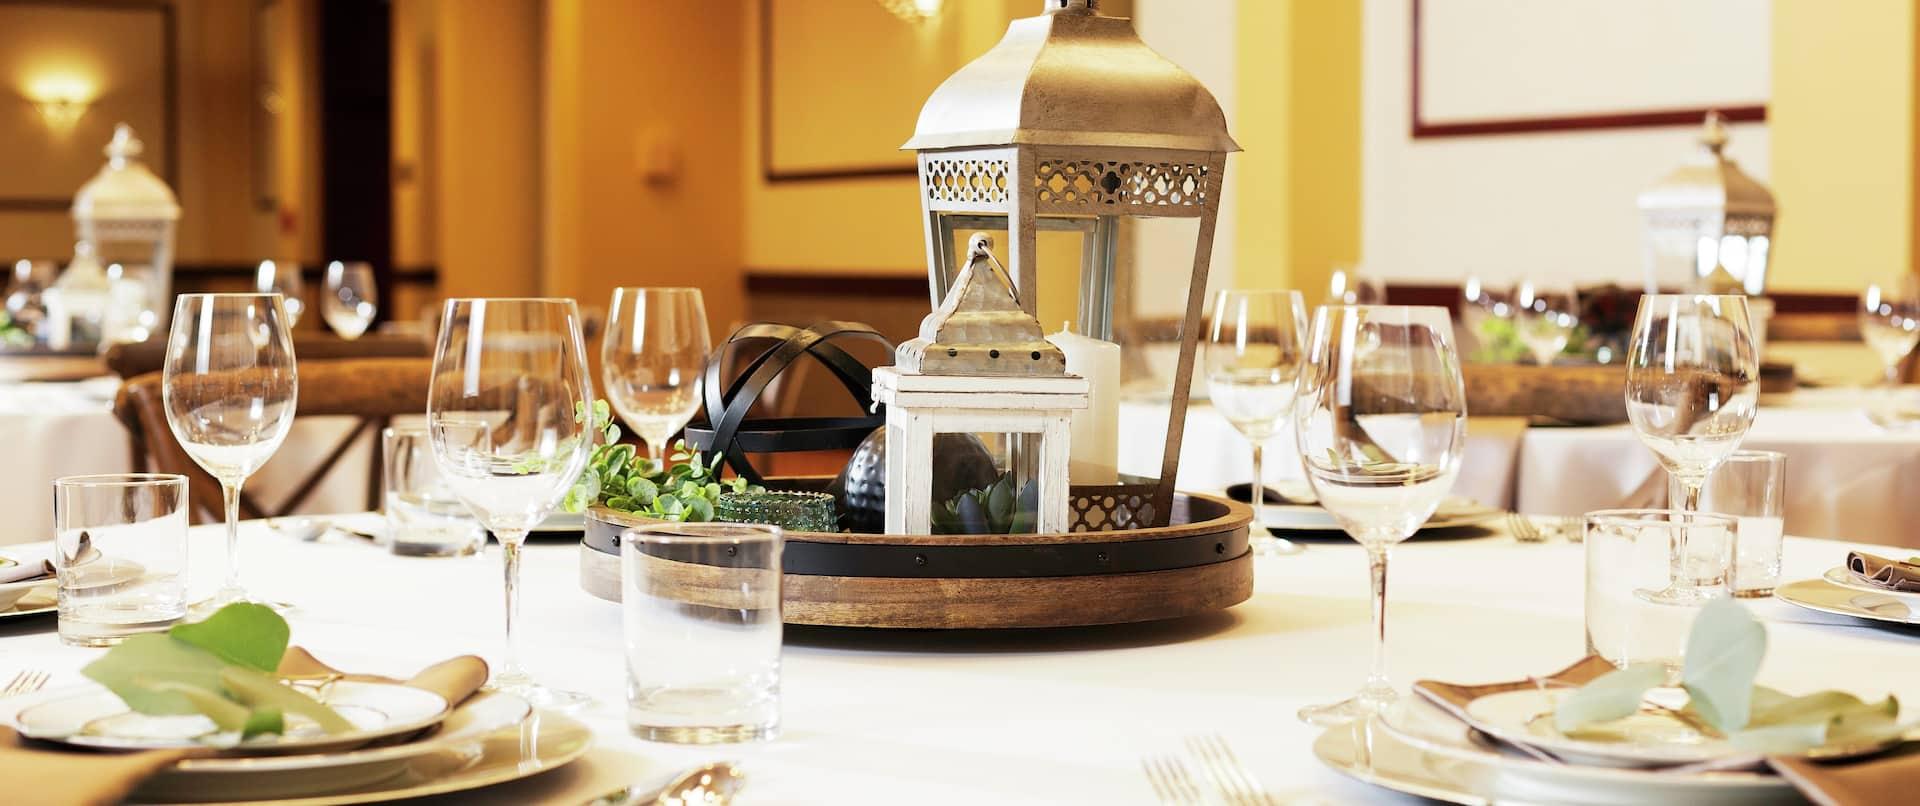 Table setup with crockery